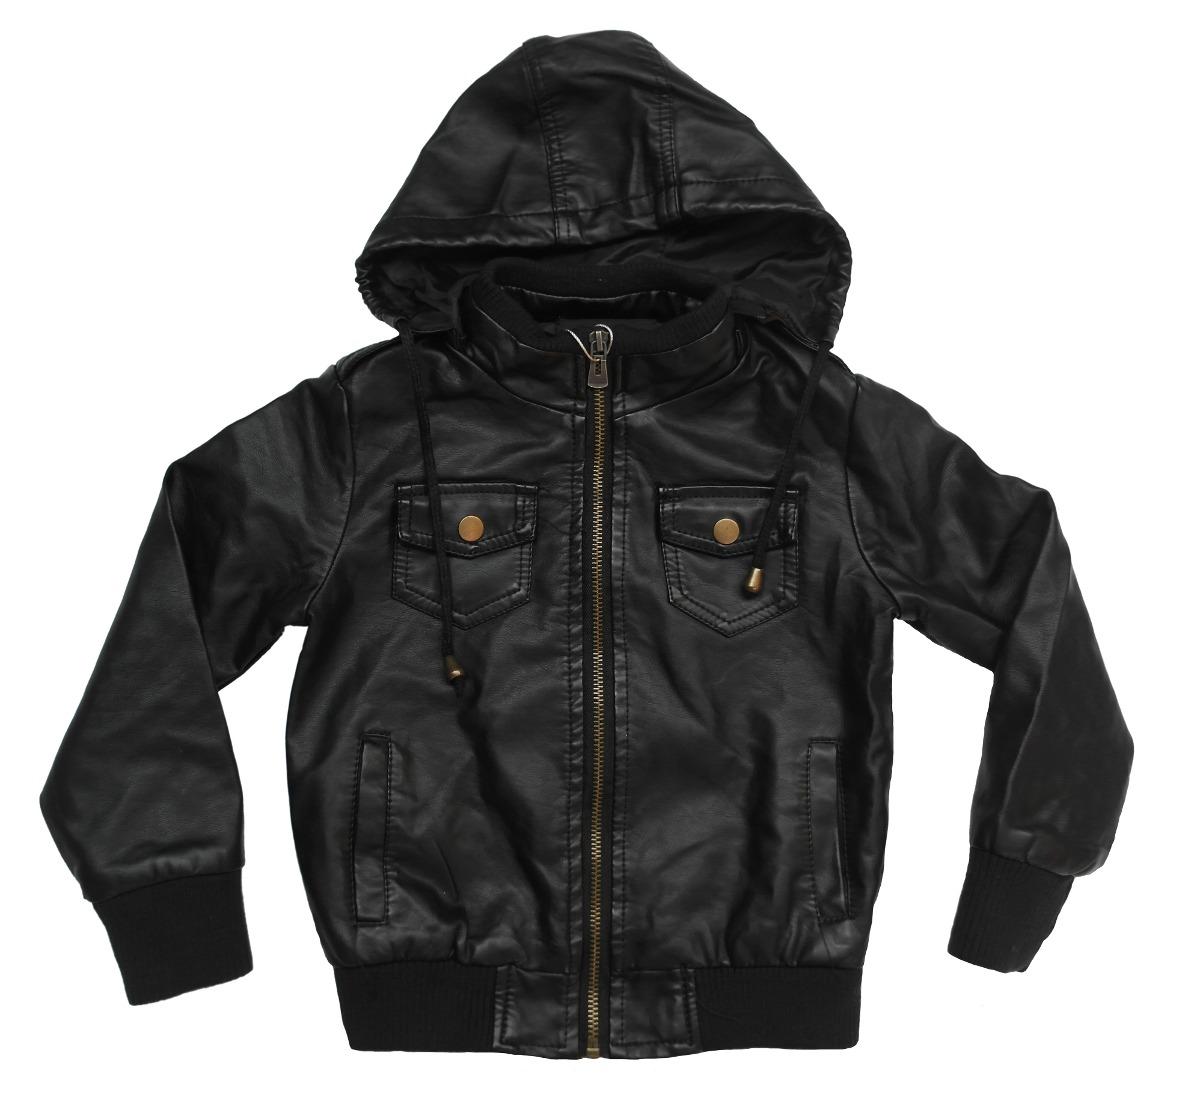 c9289623bcf Chaqueta Eco Cuero Negra Infantil Con Gorro -   16.990 en Mercado Libre